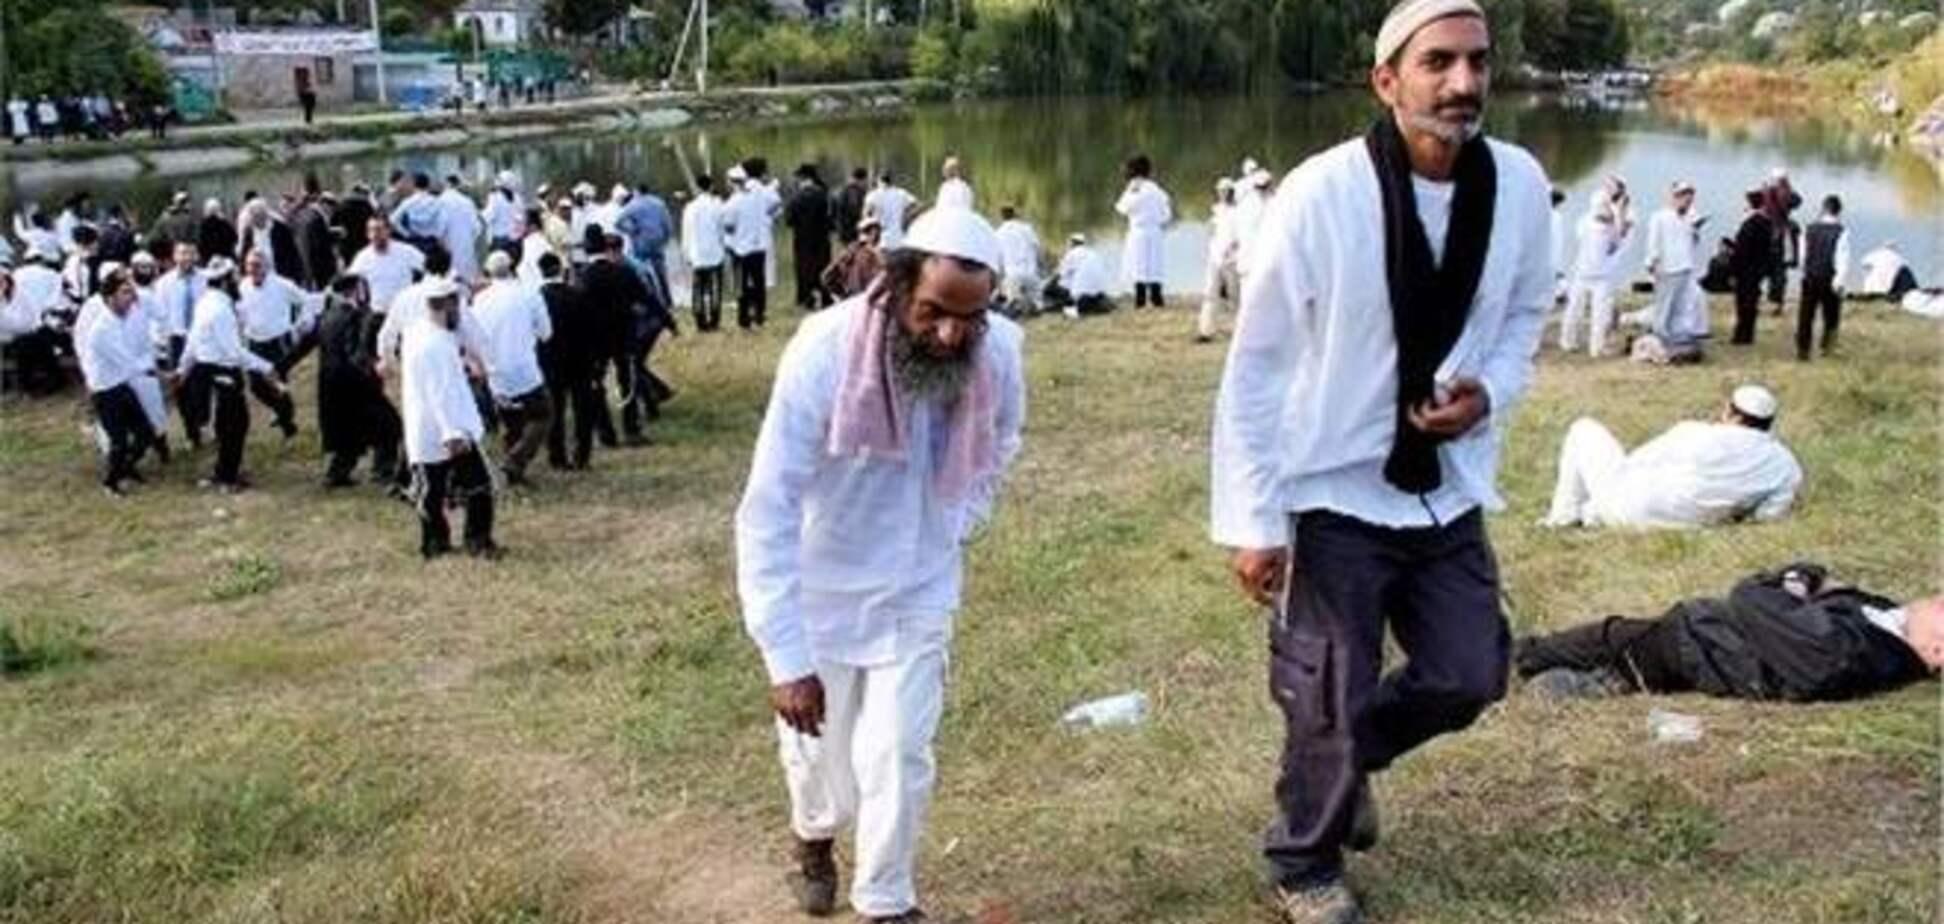 В Умані за куріння марихуани затримали паломника-хасида - ЗМІ